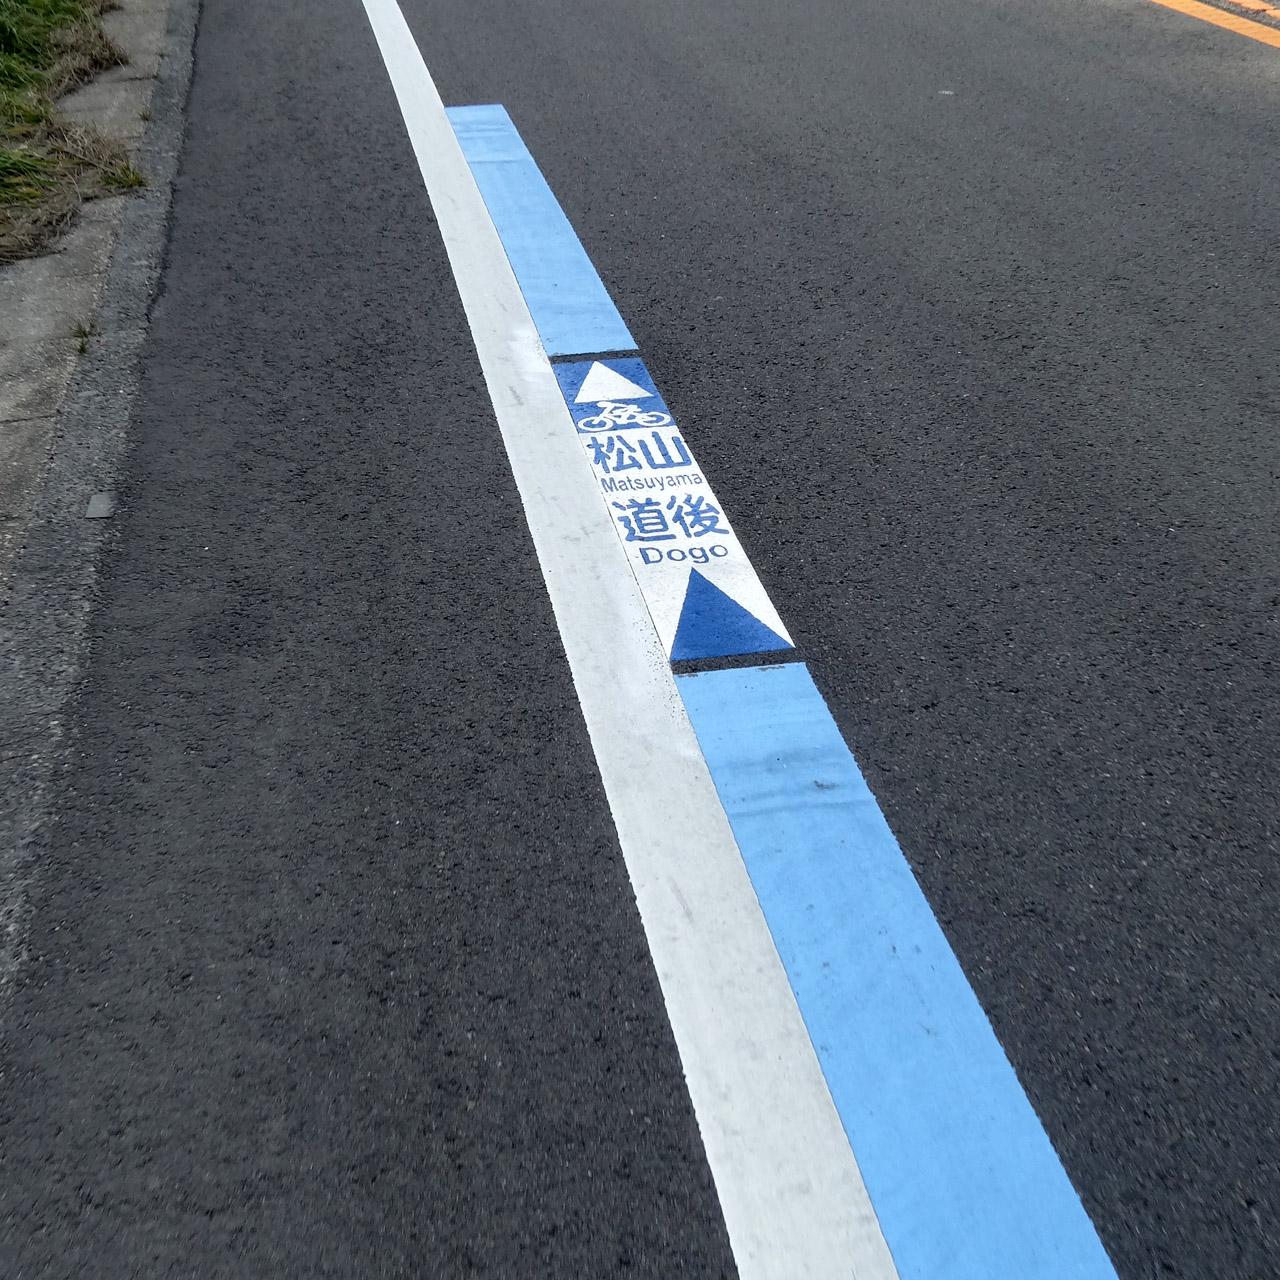 国道196号線上にあるサイン